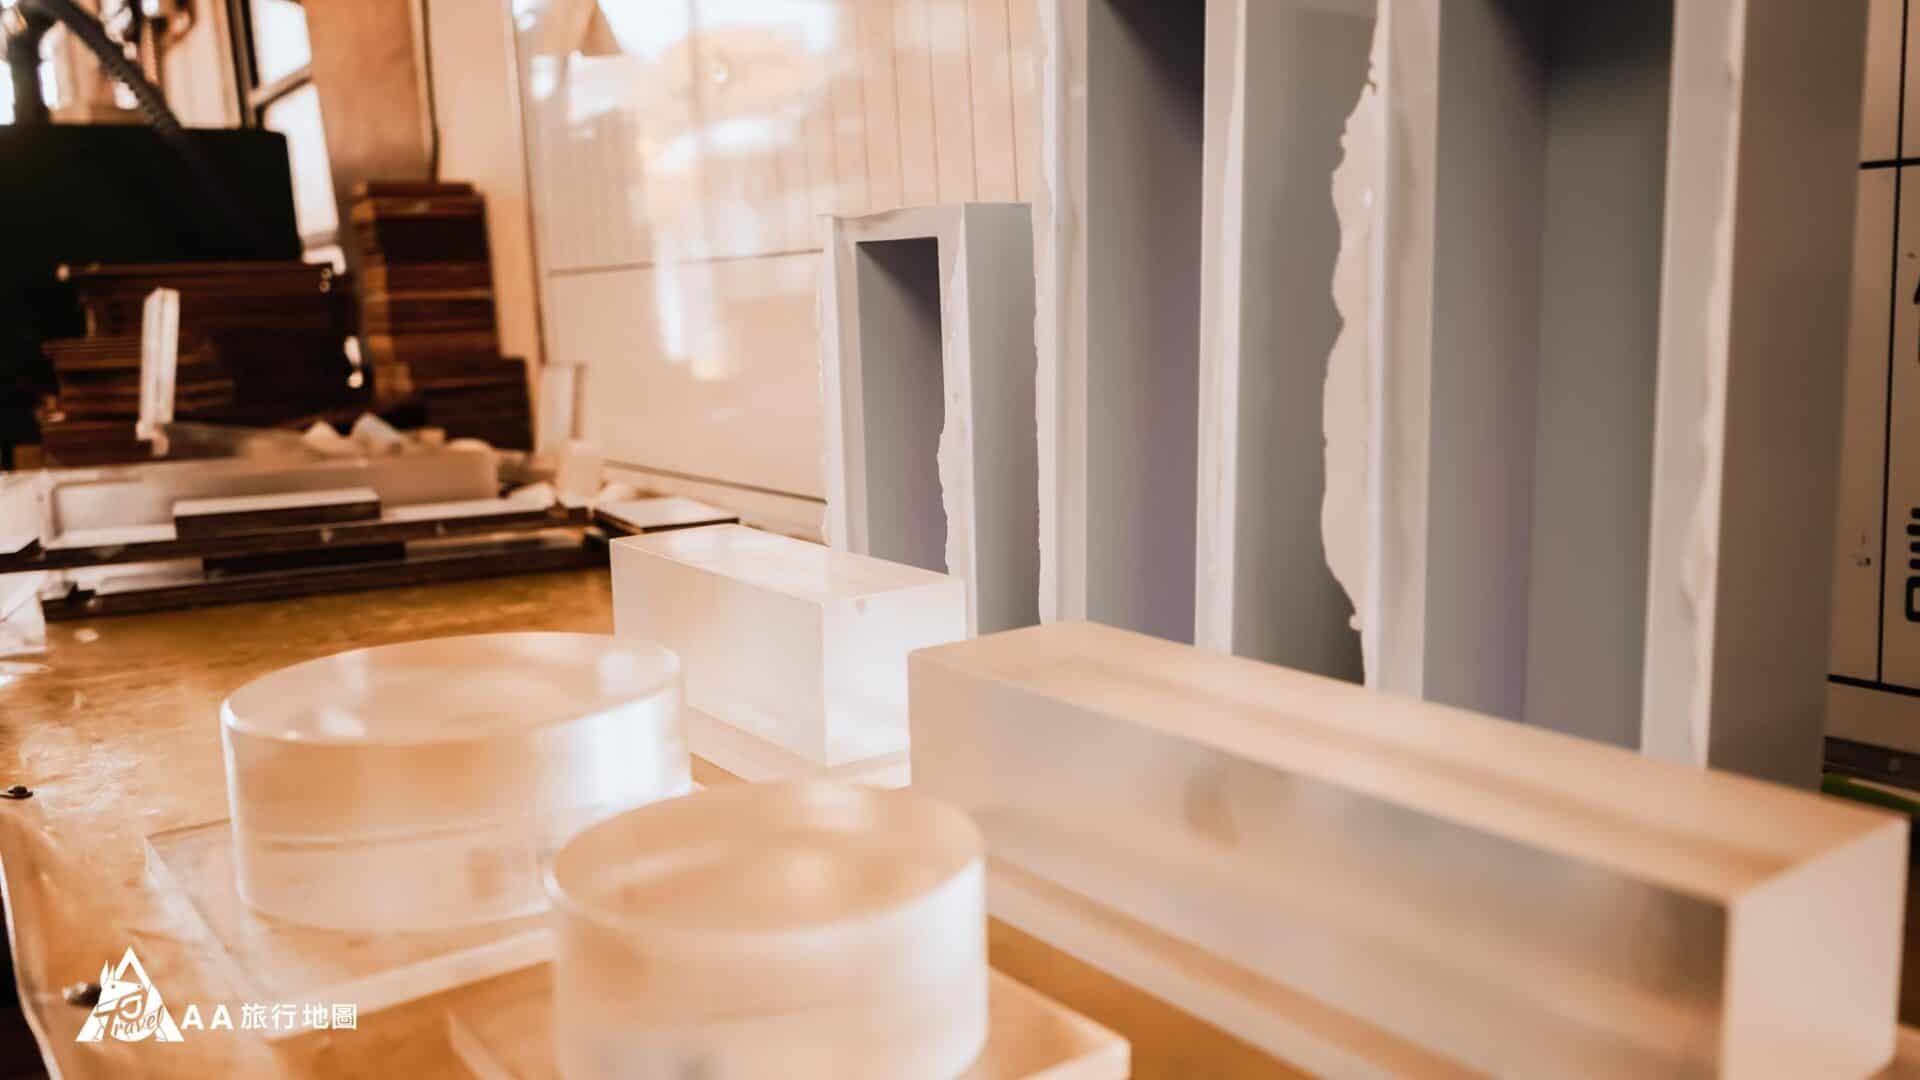 古夜天工坊 肥皂模具